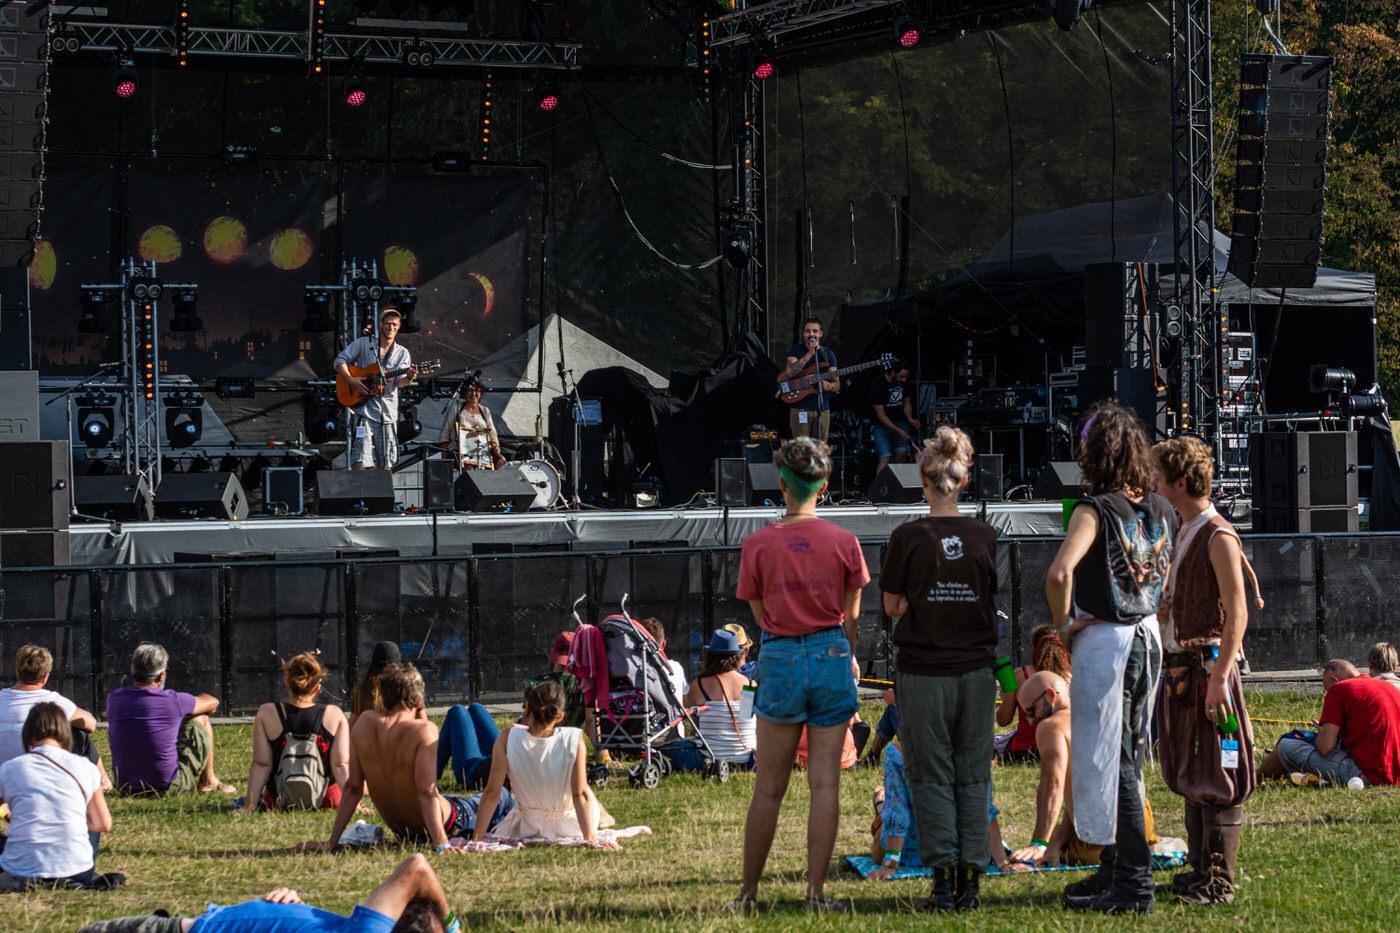 Nico&h en concert aux Vers Solidaires 14